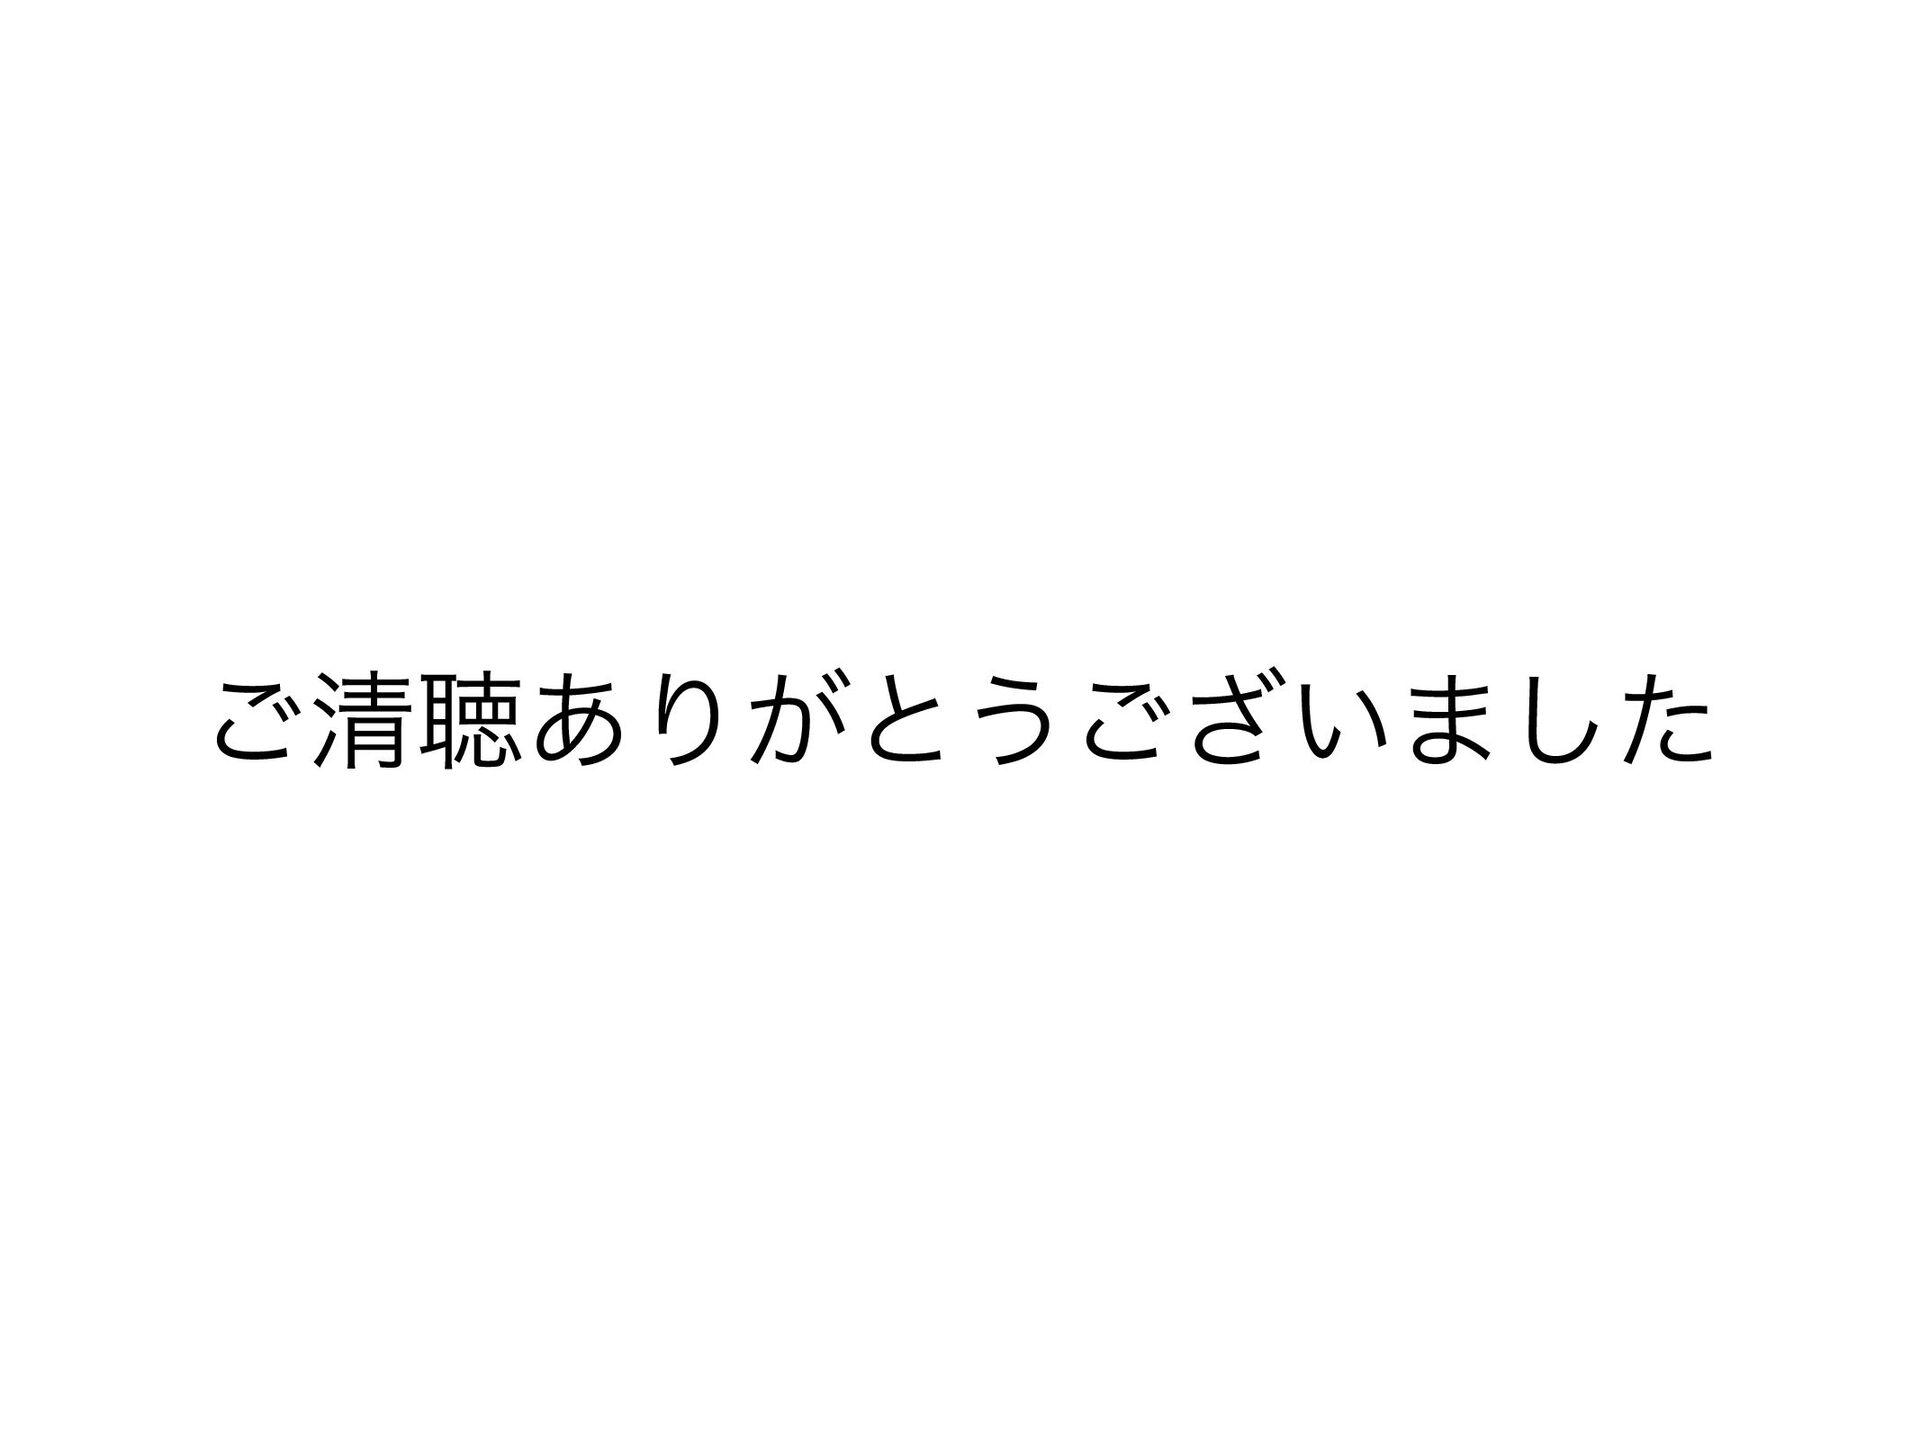 """ͪͳΈʹ*P54FD+1ͰΈͨΧϝϥ Χϝϥ εϚϗ Ϣʔβ ᶃ8J'JΛ0/ """"1ͱͯ͠..."""